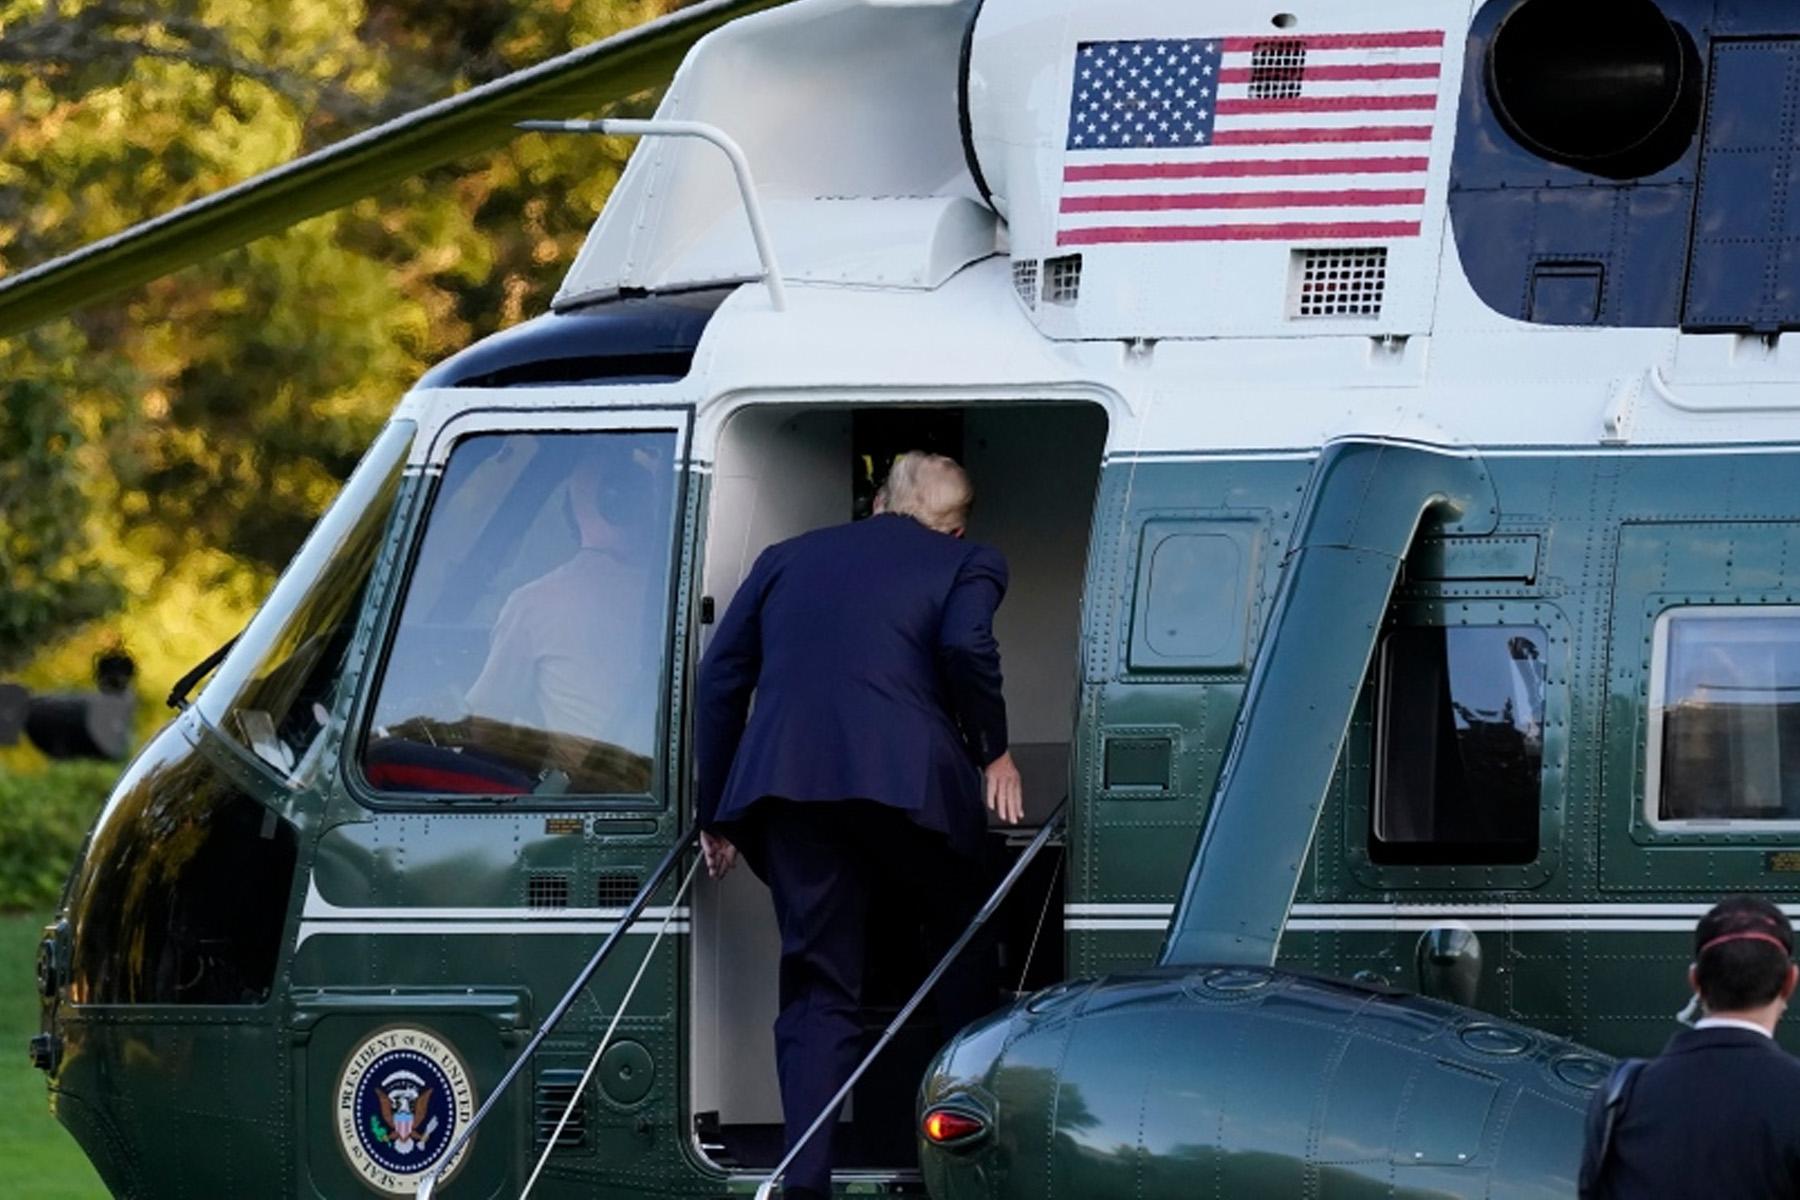 دونالد ترامپ پس از تشخیص کووید19 به بیمارستان نظامی منتقل شد